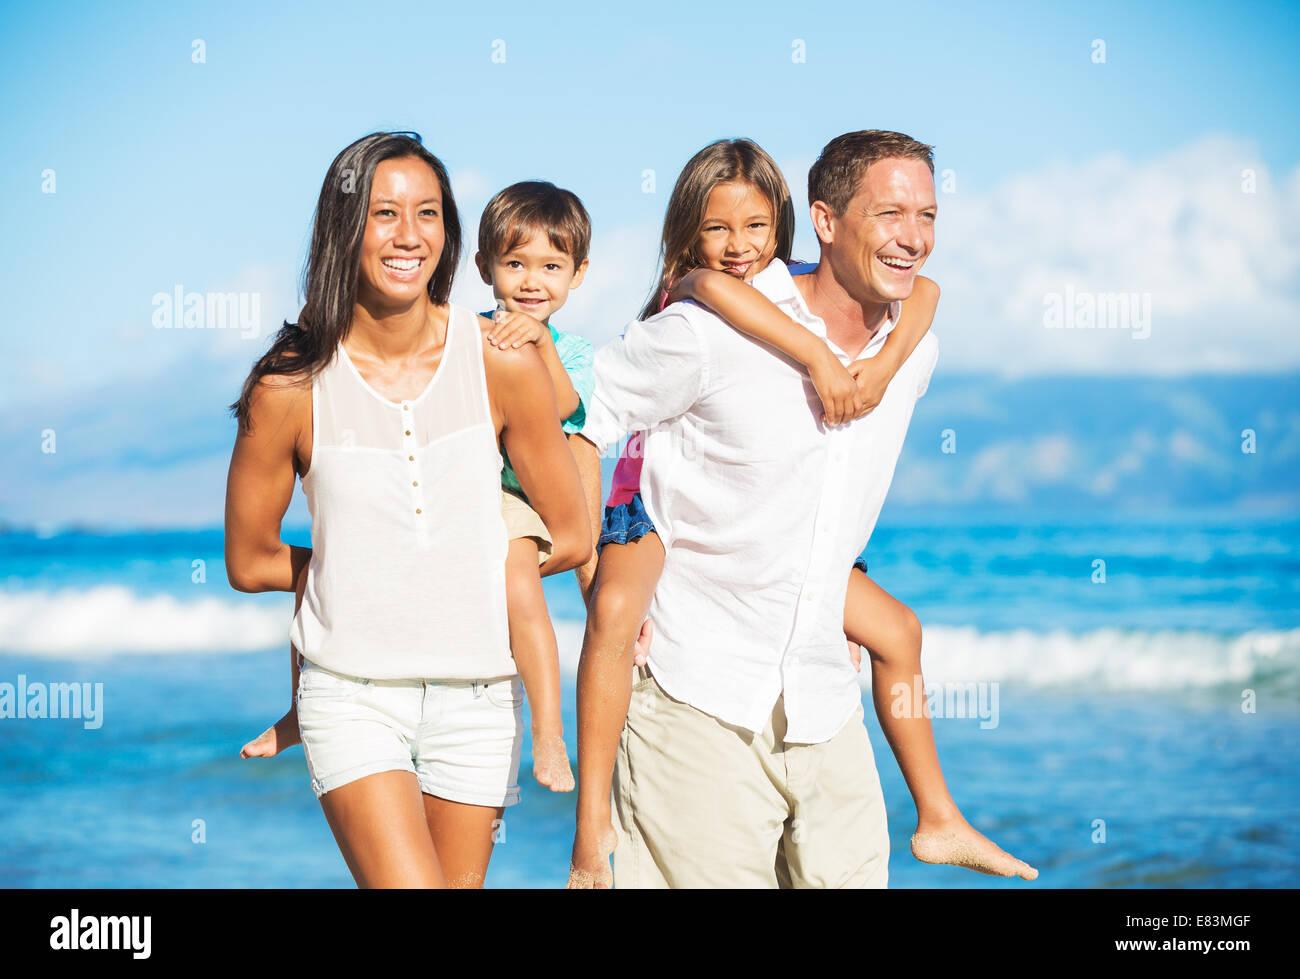 Feliz retrato de familia de raza mixta en la playa Imagen De Stock